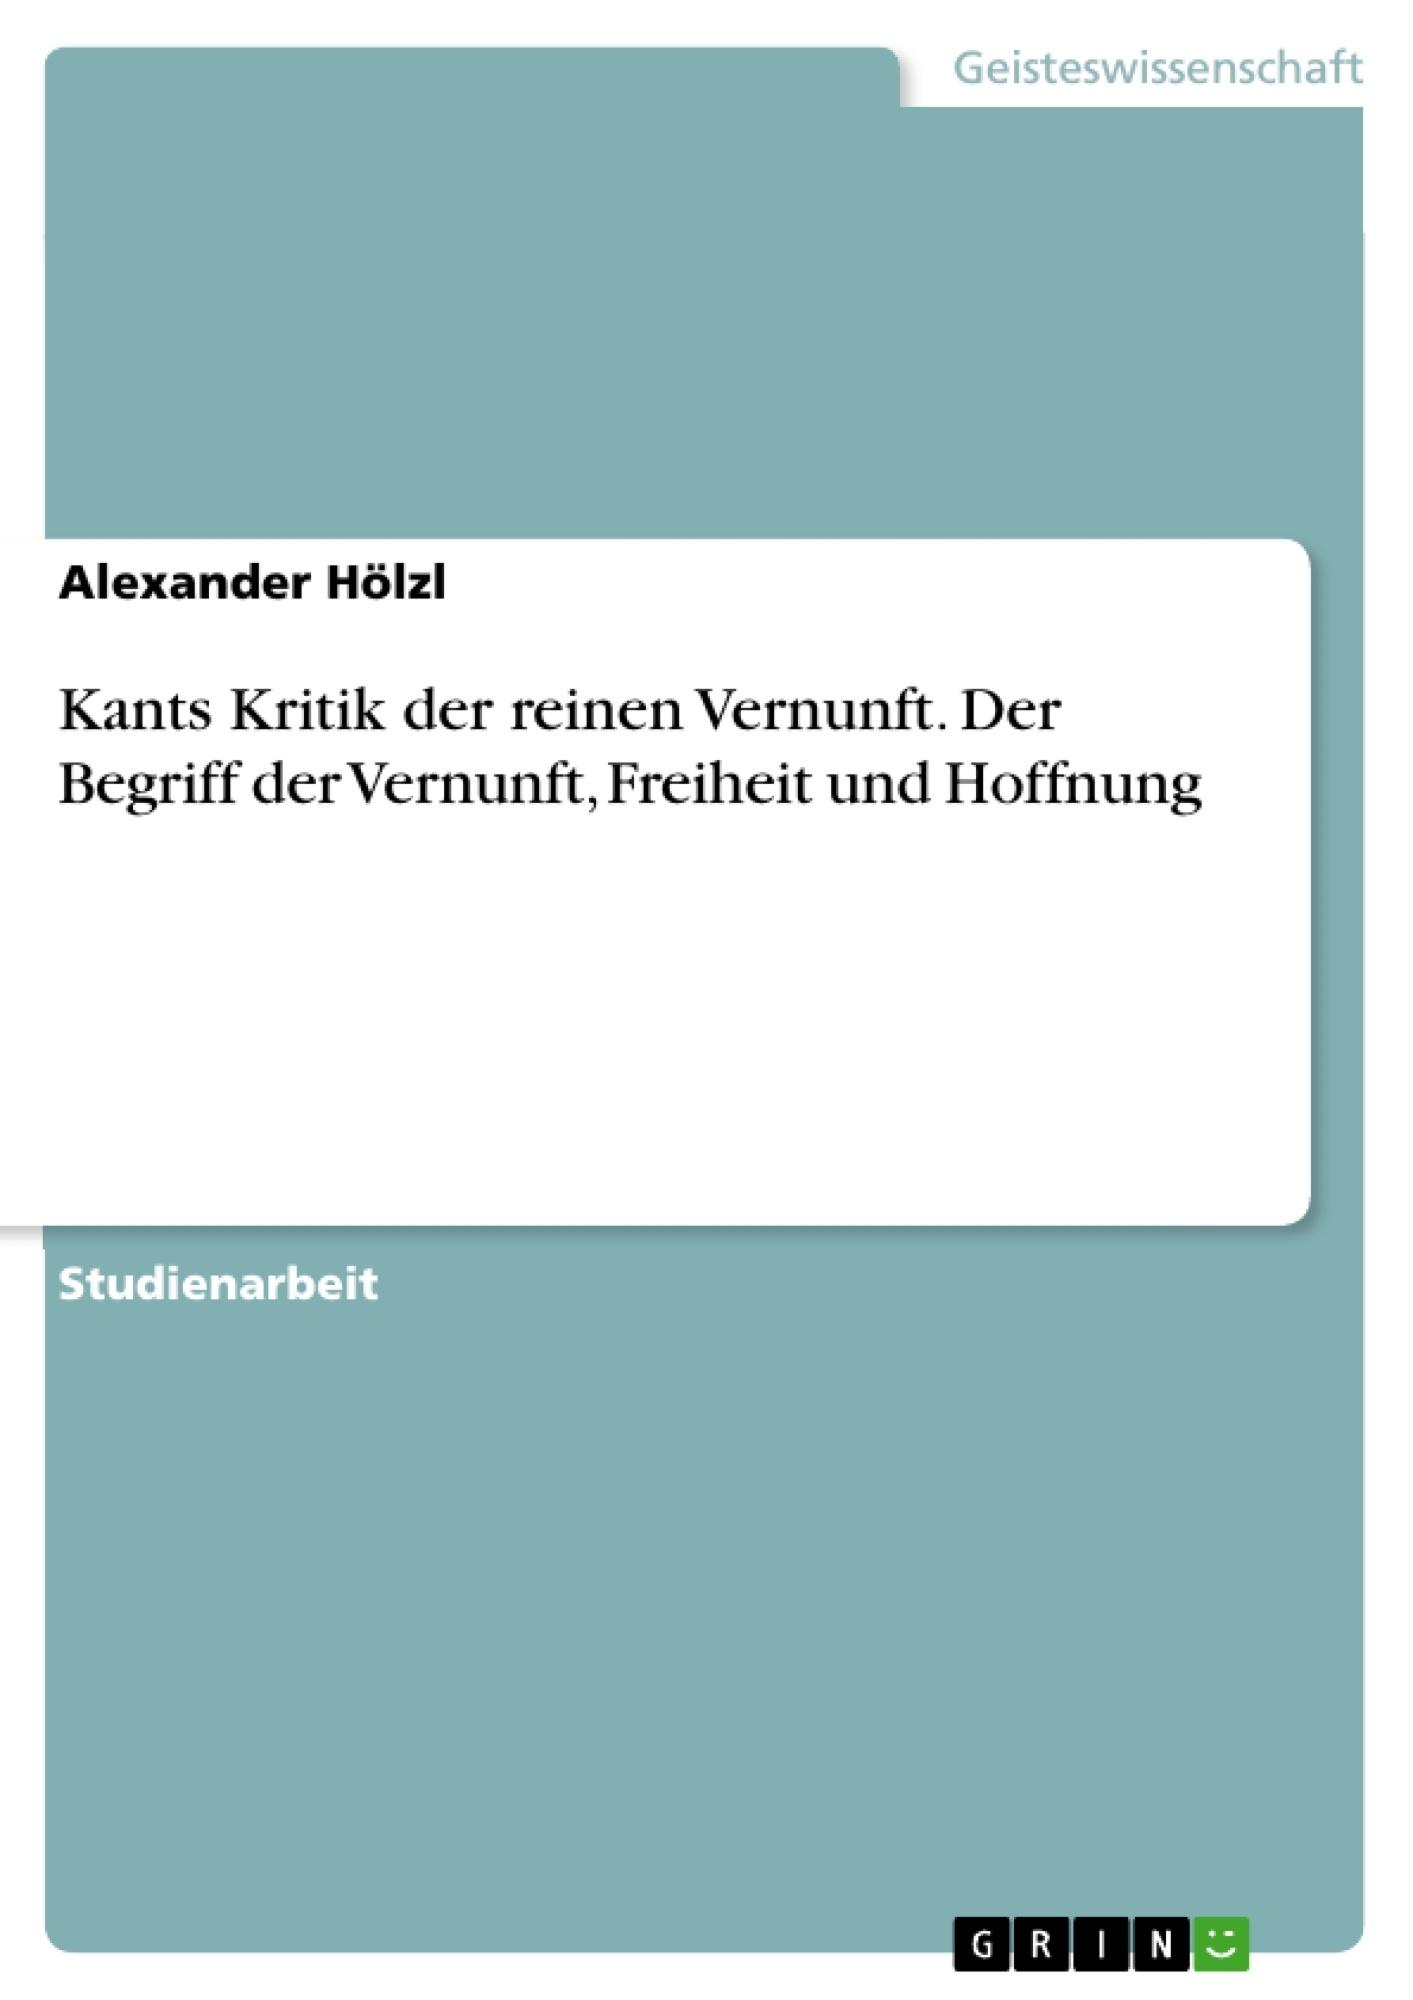 Titel: Kants Kritik der reinen Vernunft. Der Begriff der Vernunft, Freiheit und Hoffnung.